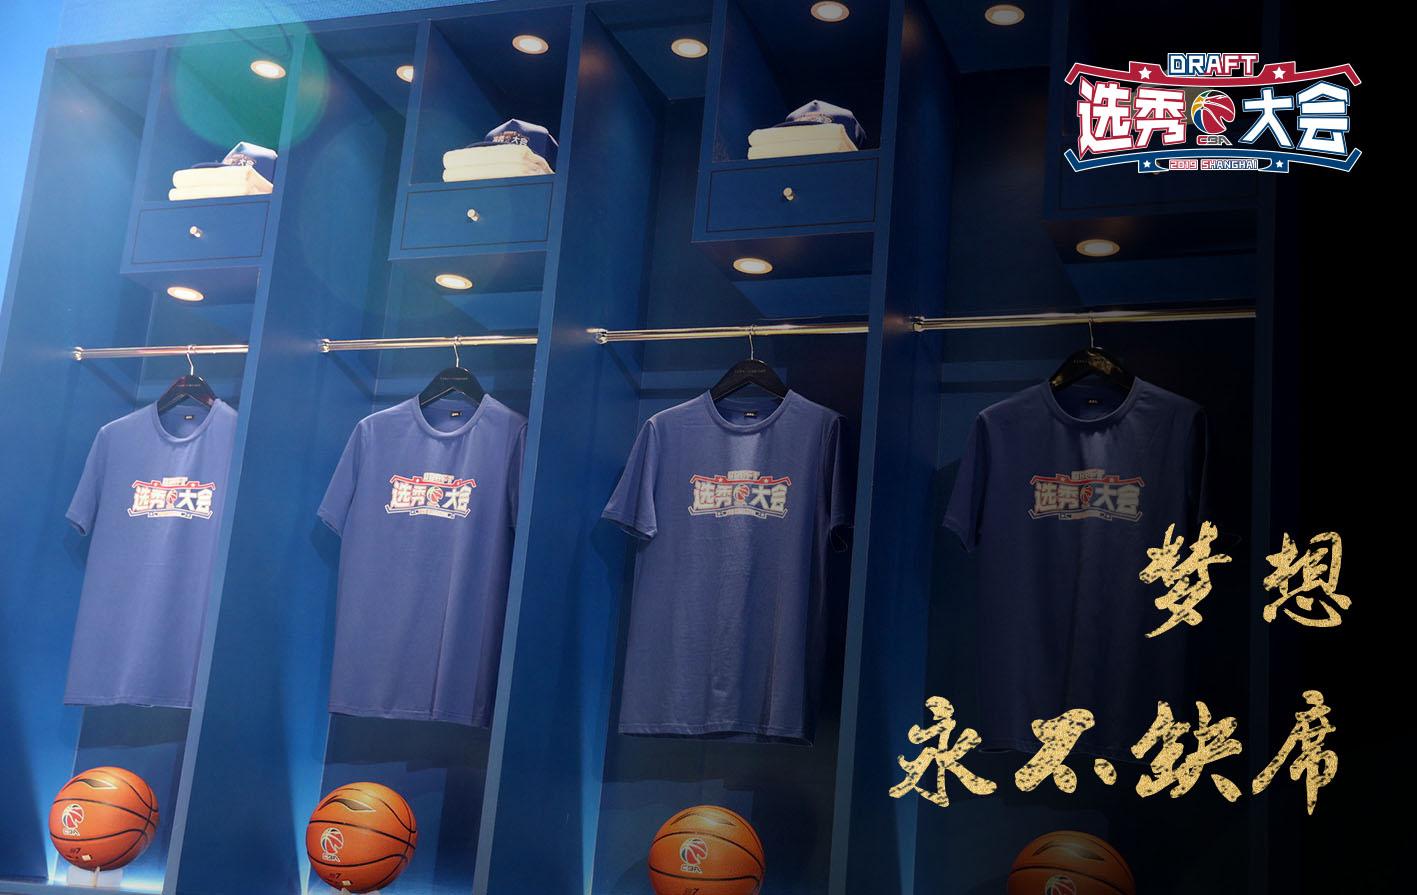 CBA官方:选秀大会结束,但篮球仍继续